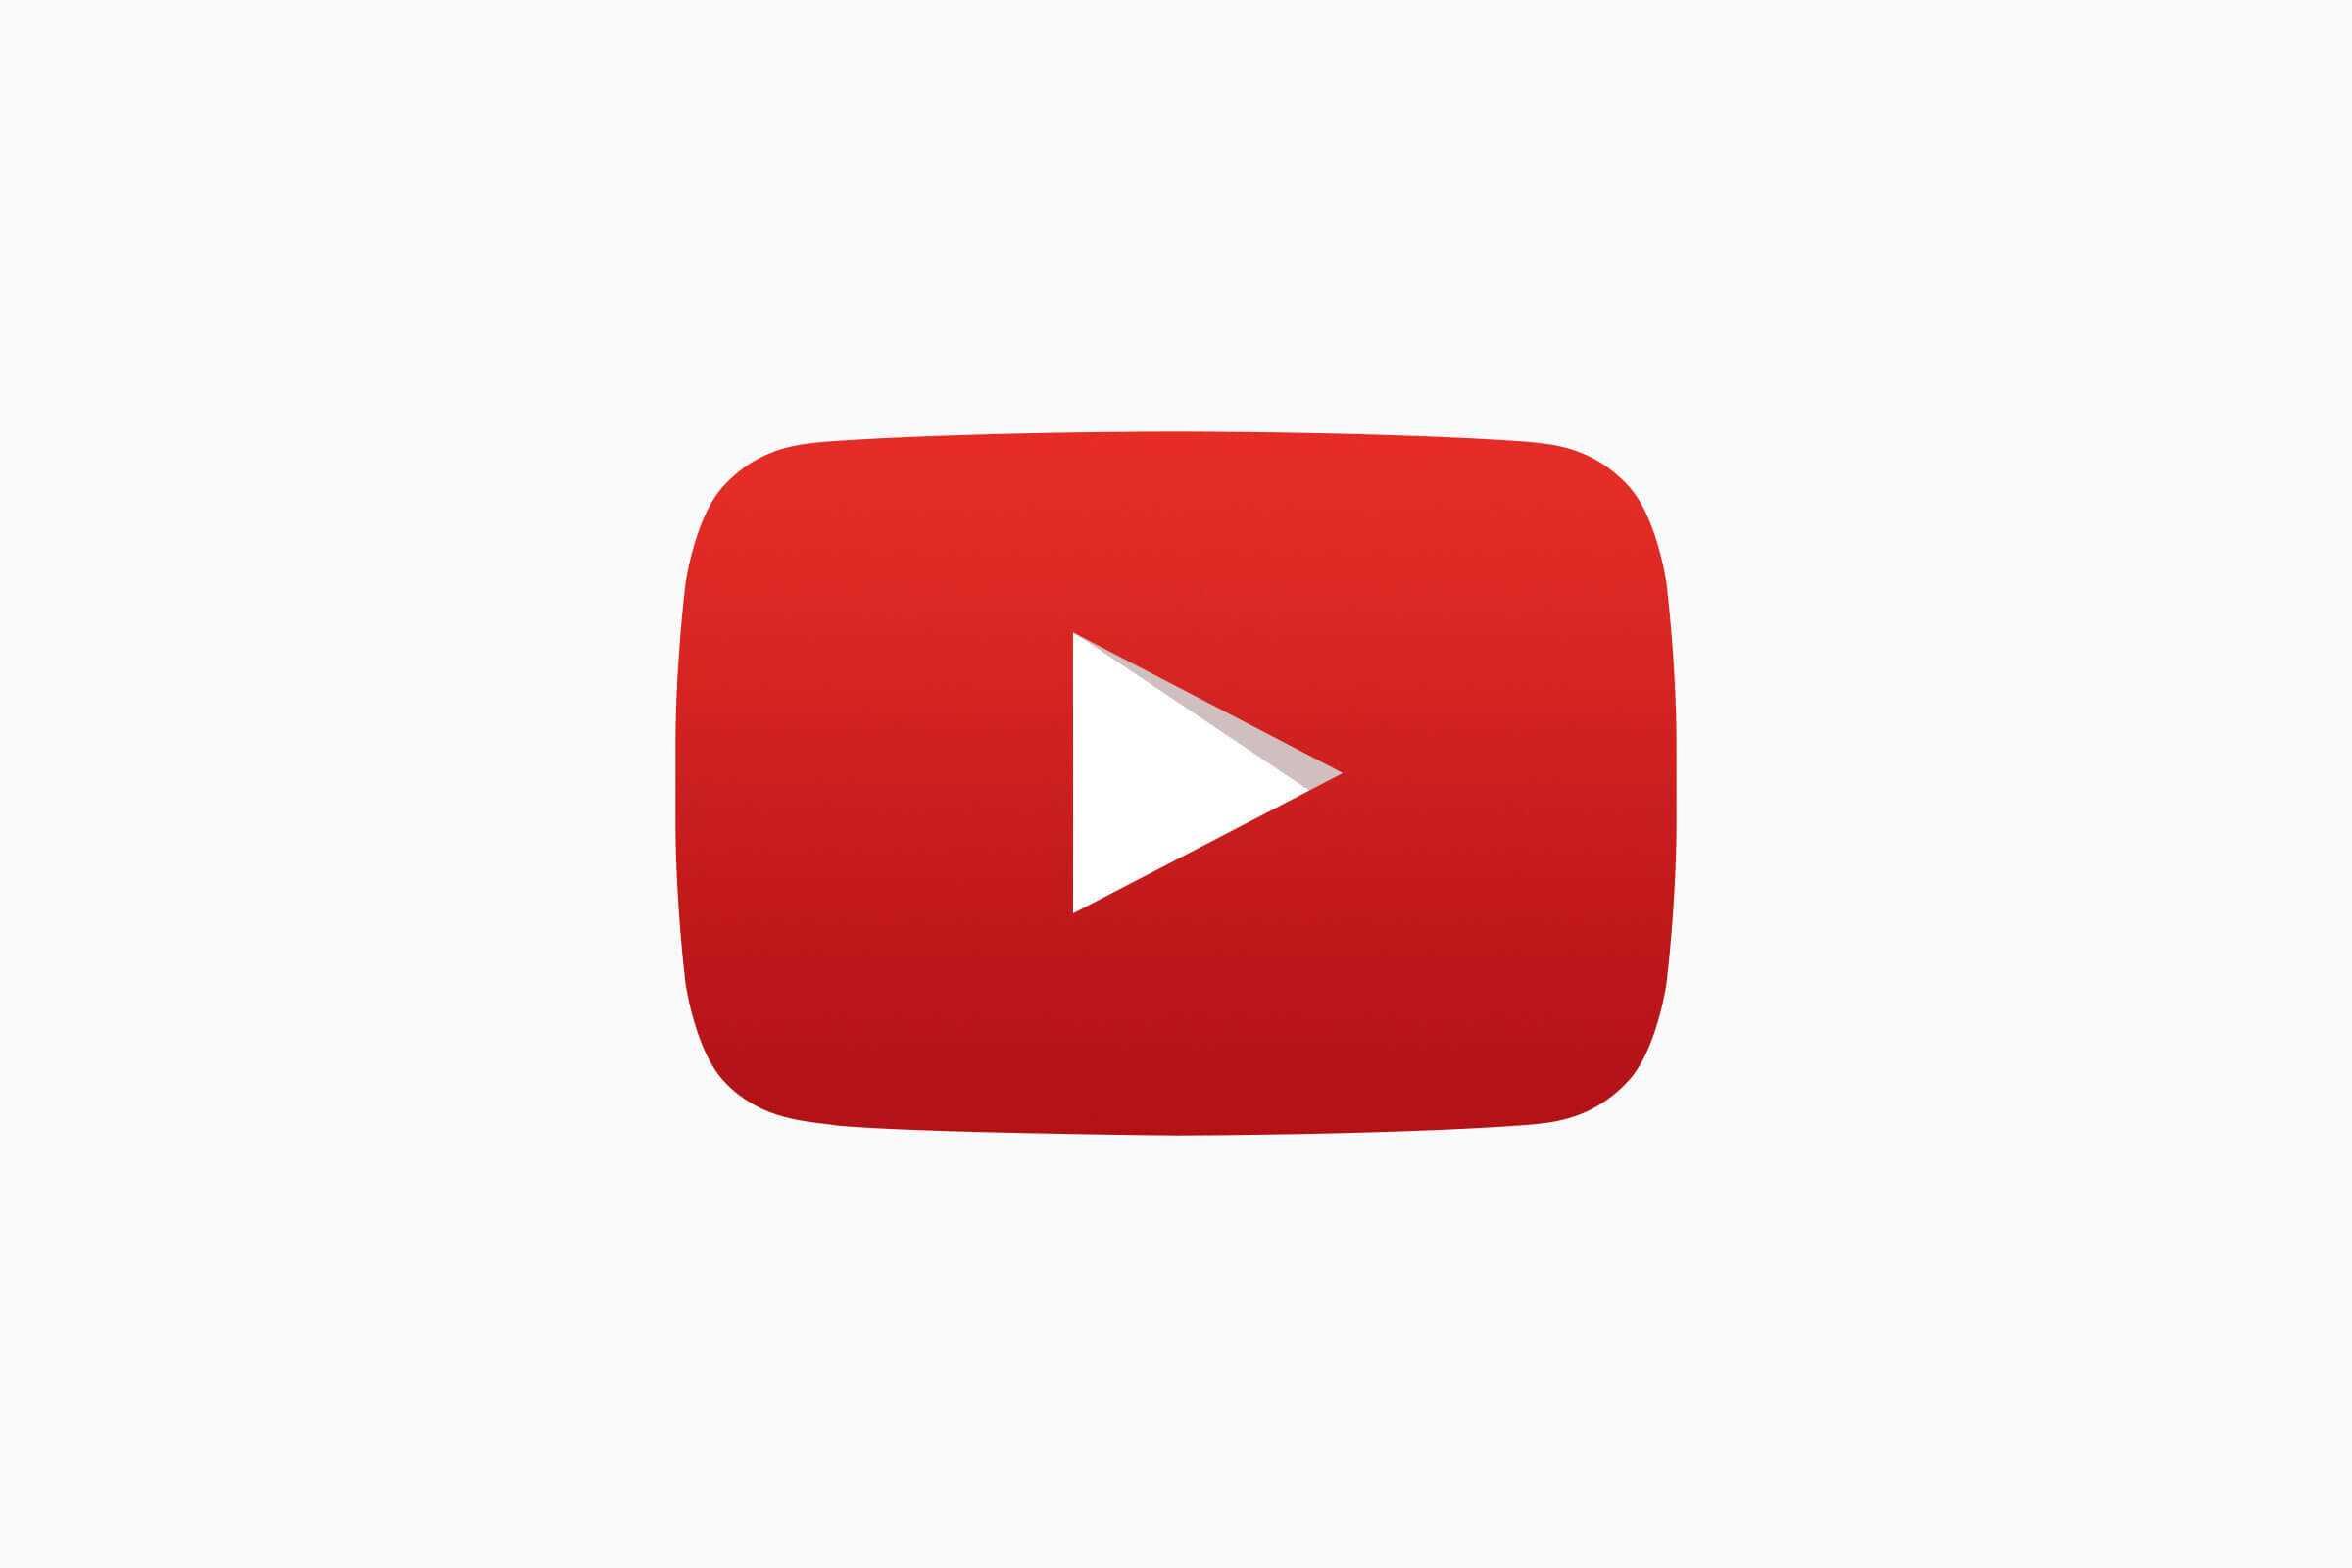 Engelli ve Yaşlı Hizmetleri Genel Müdürlüğüne Ait Youtube Kanalı